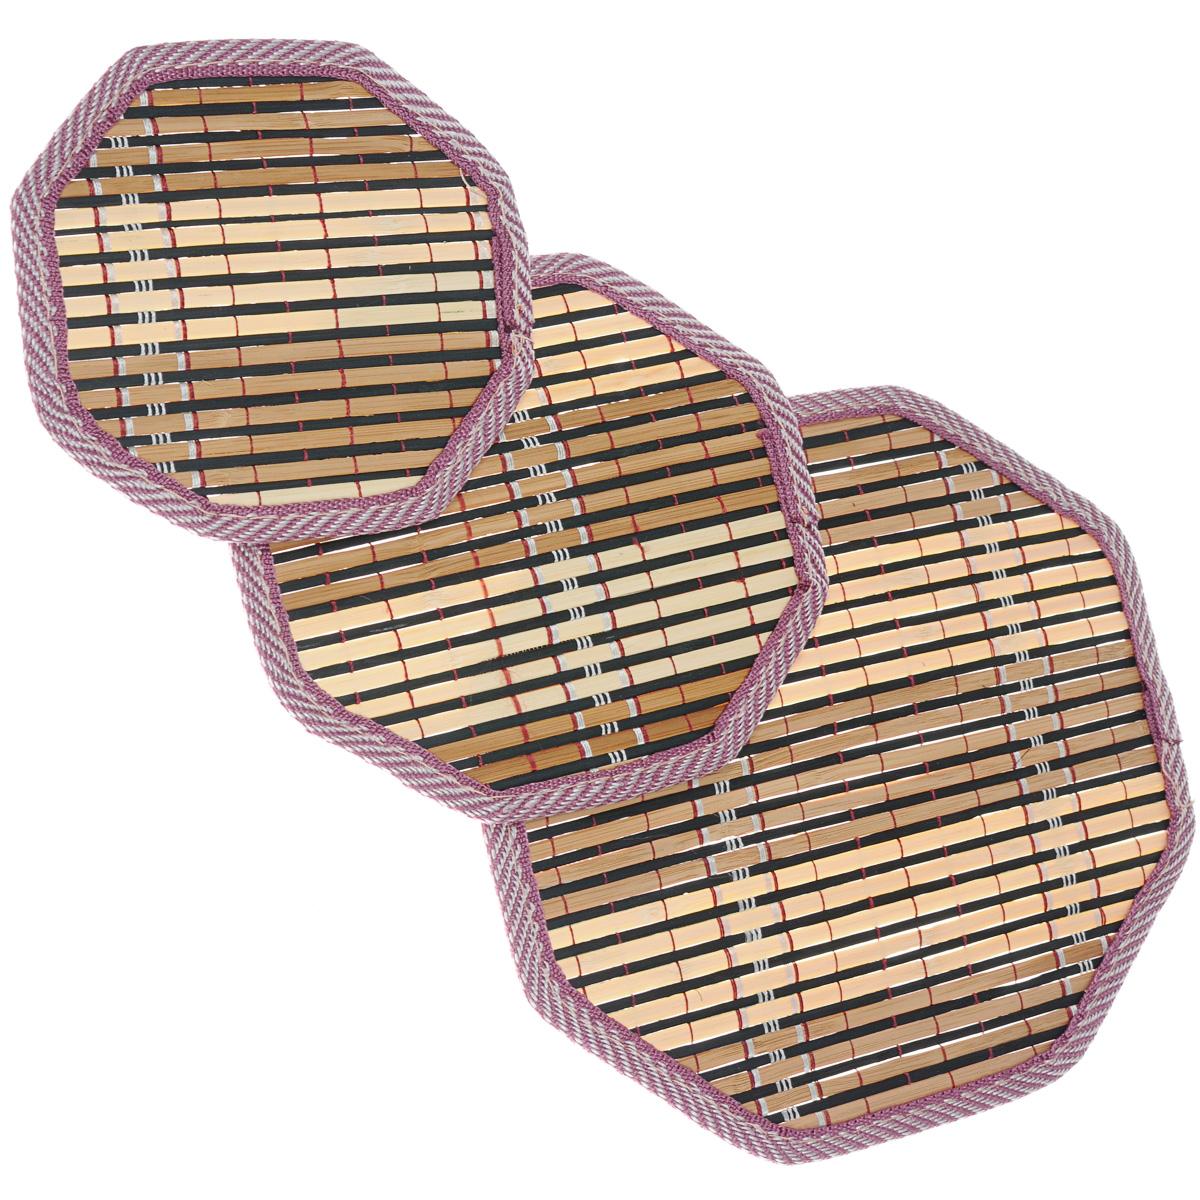 Набор салфеток под горячее Dommix, цвет: коричневый, 3 шт115510Набор Dommix, состоящий из 3 бамбуковых салфеток под горячее, идеально впишется в интерьер современной кухни. Салфетки из бамбука не впитывают запахи, легко моются, не деформируются при длительном использовании. Бамбук обладает антибактериальными и водоотталкивающими свойствами. Также имеют высокую прочность.Каждая хозяйка знает, что салфетка под горячее - это незаменимый и очень полезный аксессуар на каждой кухне. Ваш стол будет не только украшен оригинальной салфеткой, но и сбережен от воздействия высоких температур ваших кулинарных шедевров. Размер маленькой салфетки: 15,5 см х 15 см х 0,2 см.Размер средней салфетки: 17,5 см х 18,5 см х 0,2 см.Размер большой салфетки: 24 см х 24,5 см х 0,2 см.